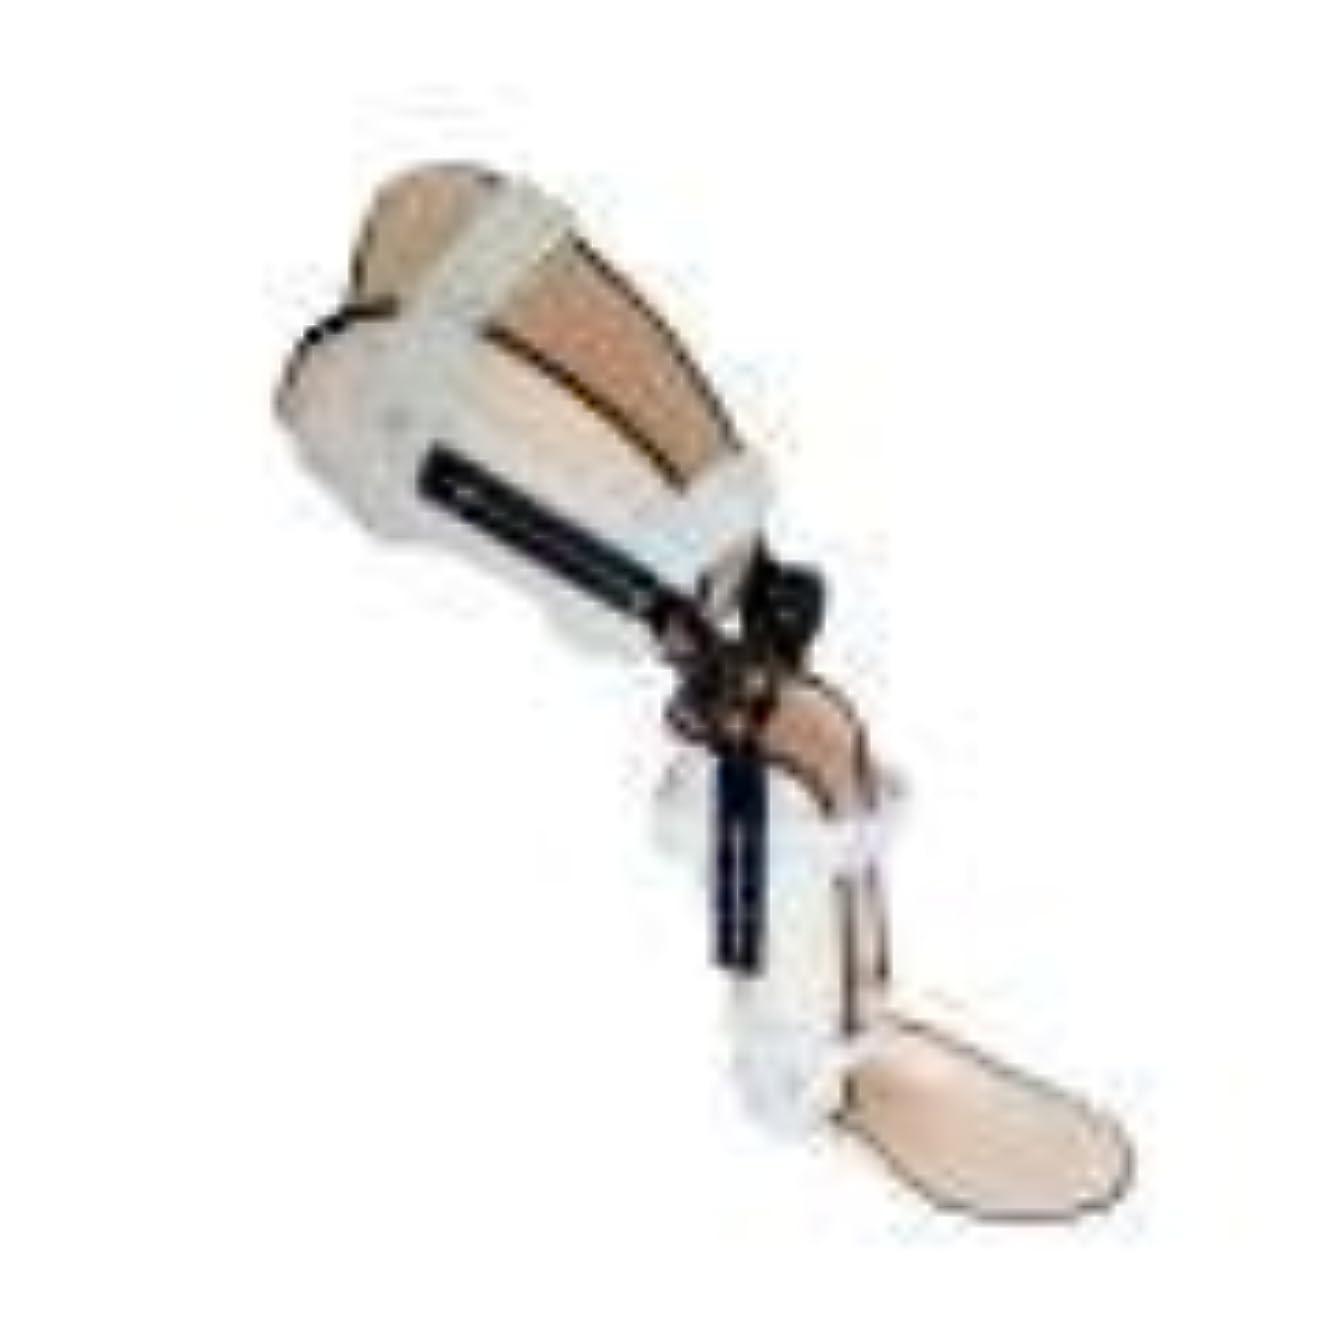 滅多座る対処ヒンジ付き膝装具、ポストOP膝蓋装具サポートスタビライザーパッド装具スプリントラップ医療用整形外科用ガードプロテクター (Color : As Picture, Size : Left Foot)